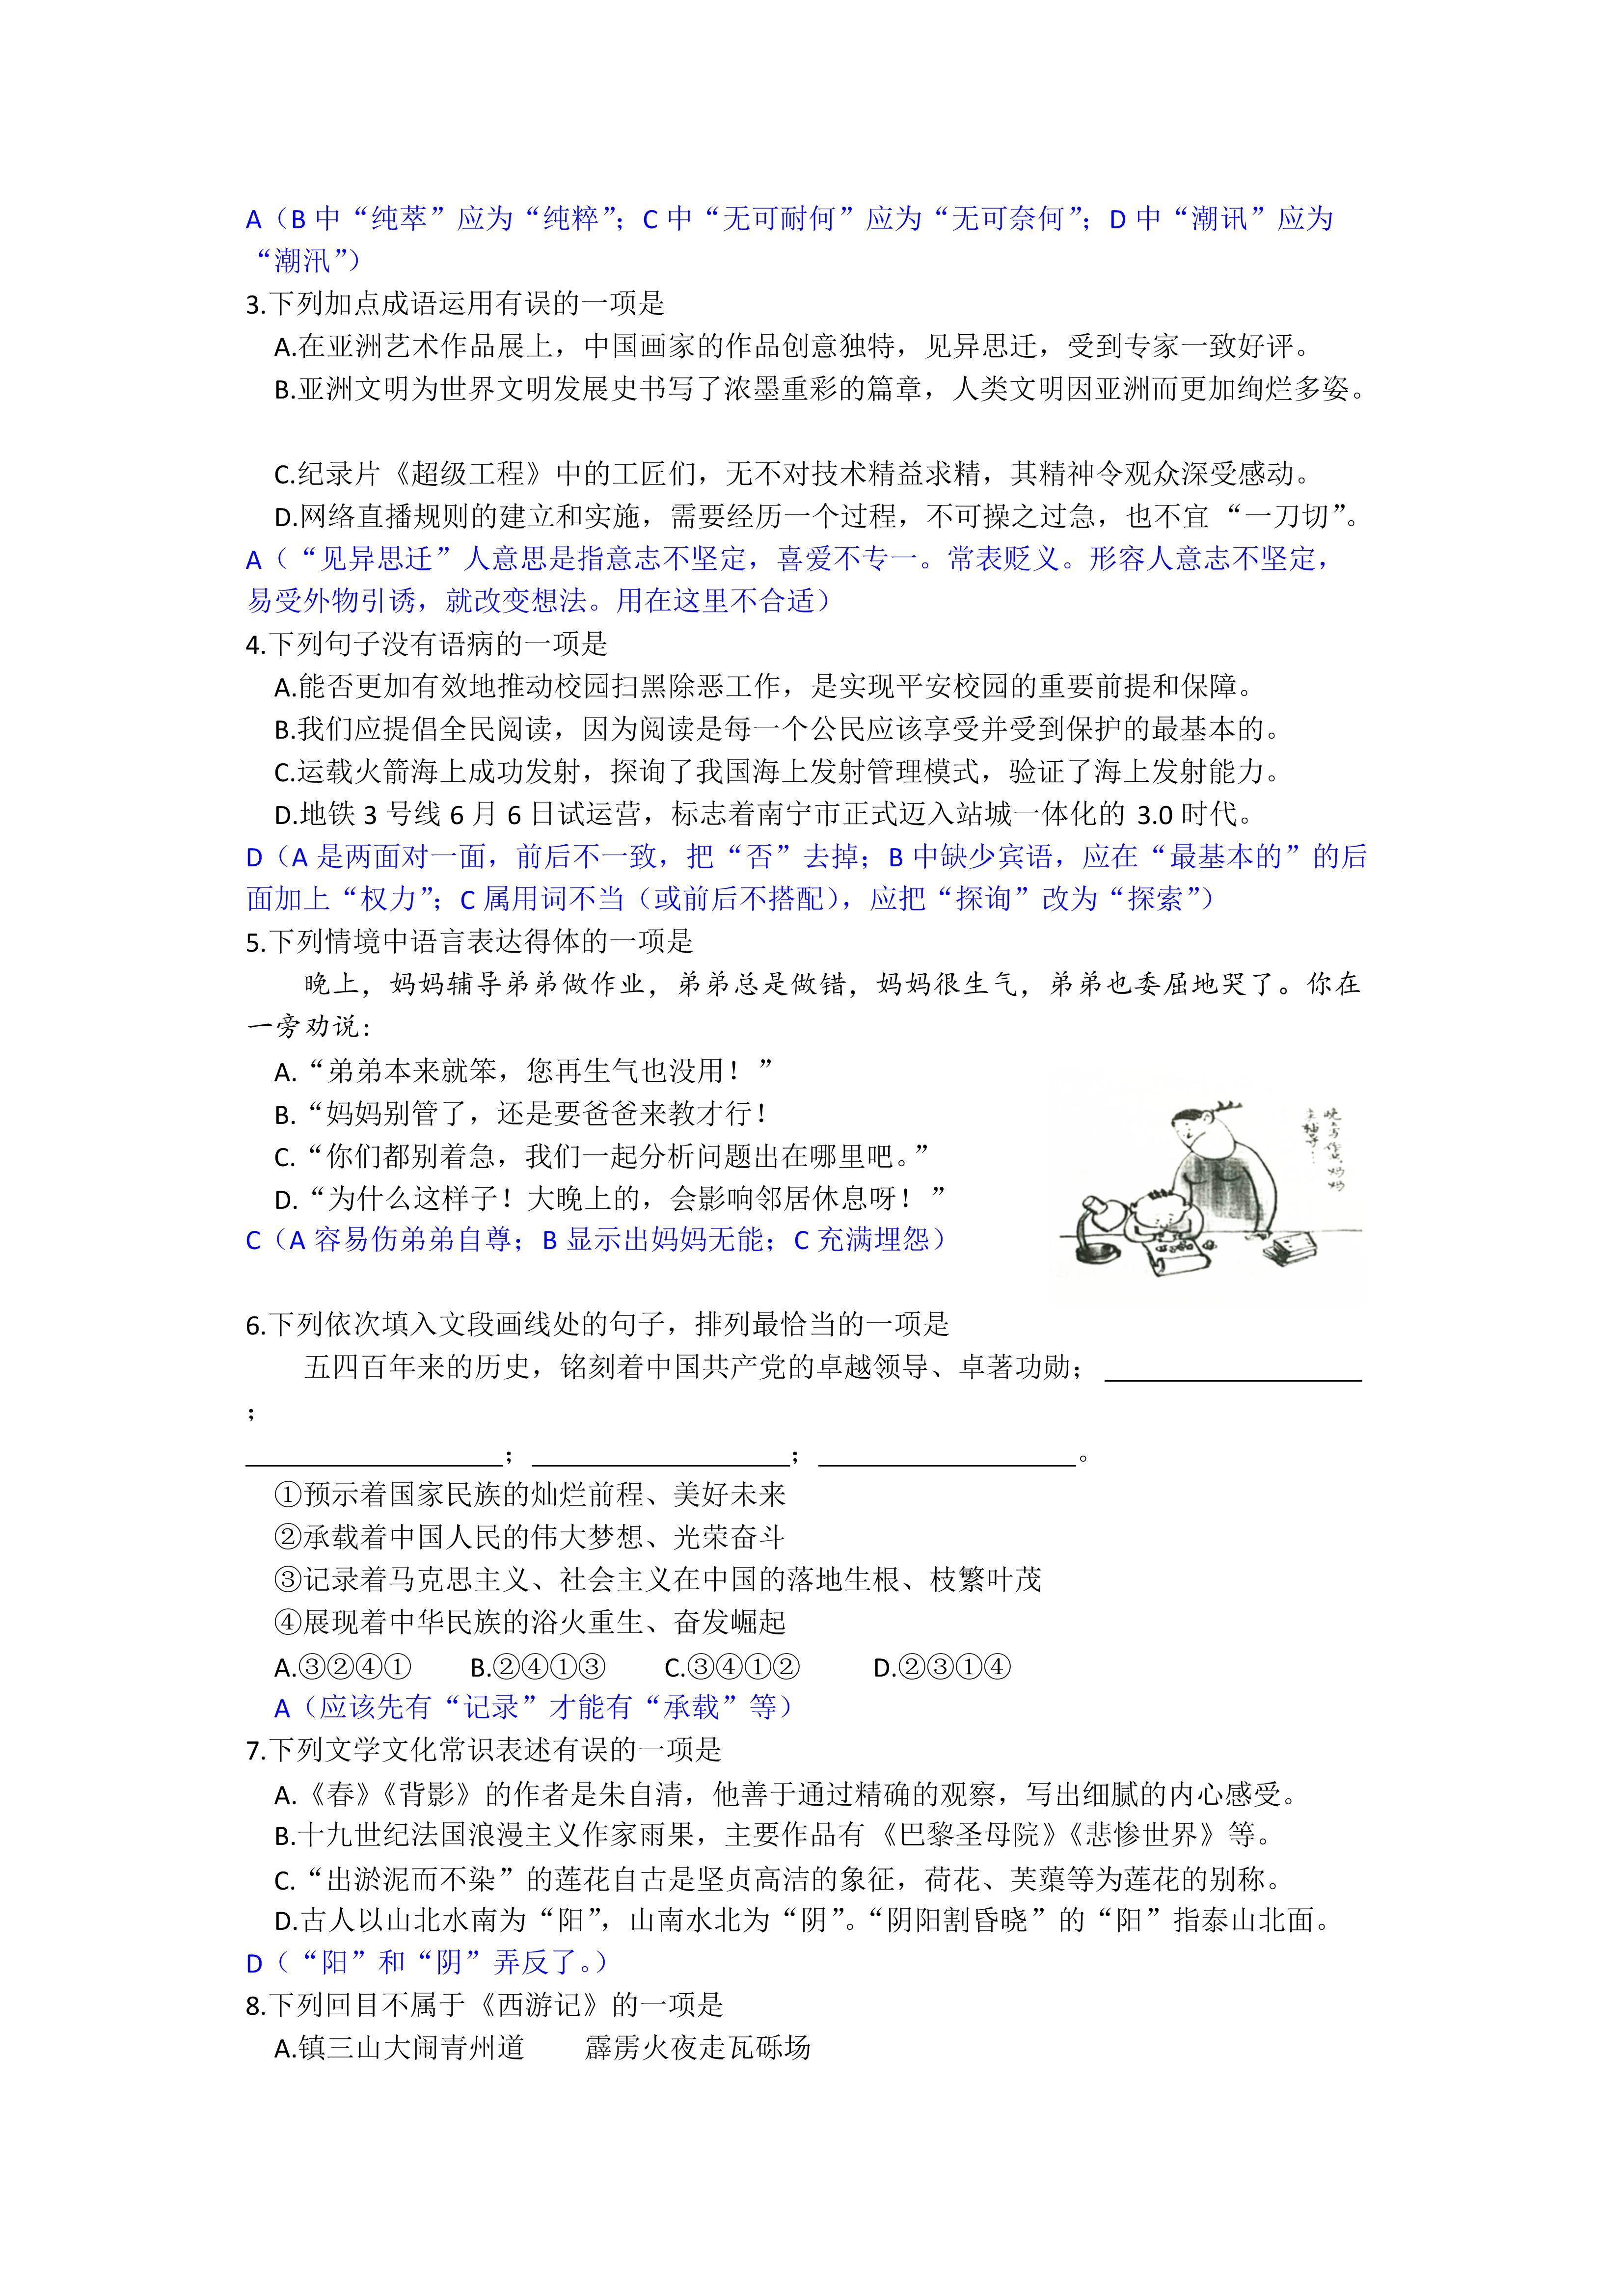 2019年广西玉林中考语文真题及答案【图片版】2.png